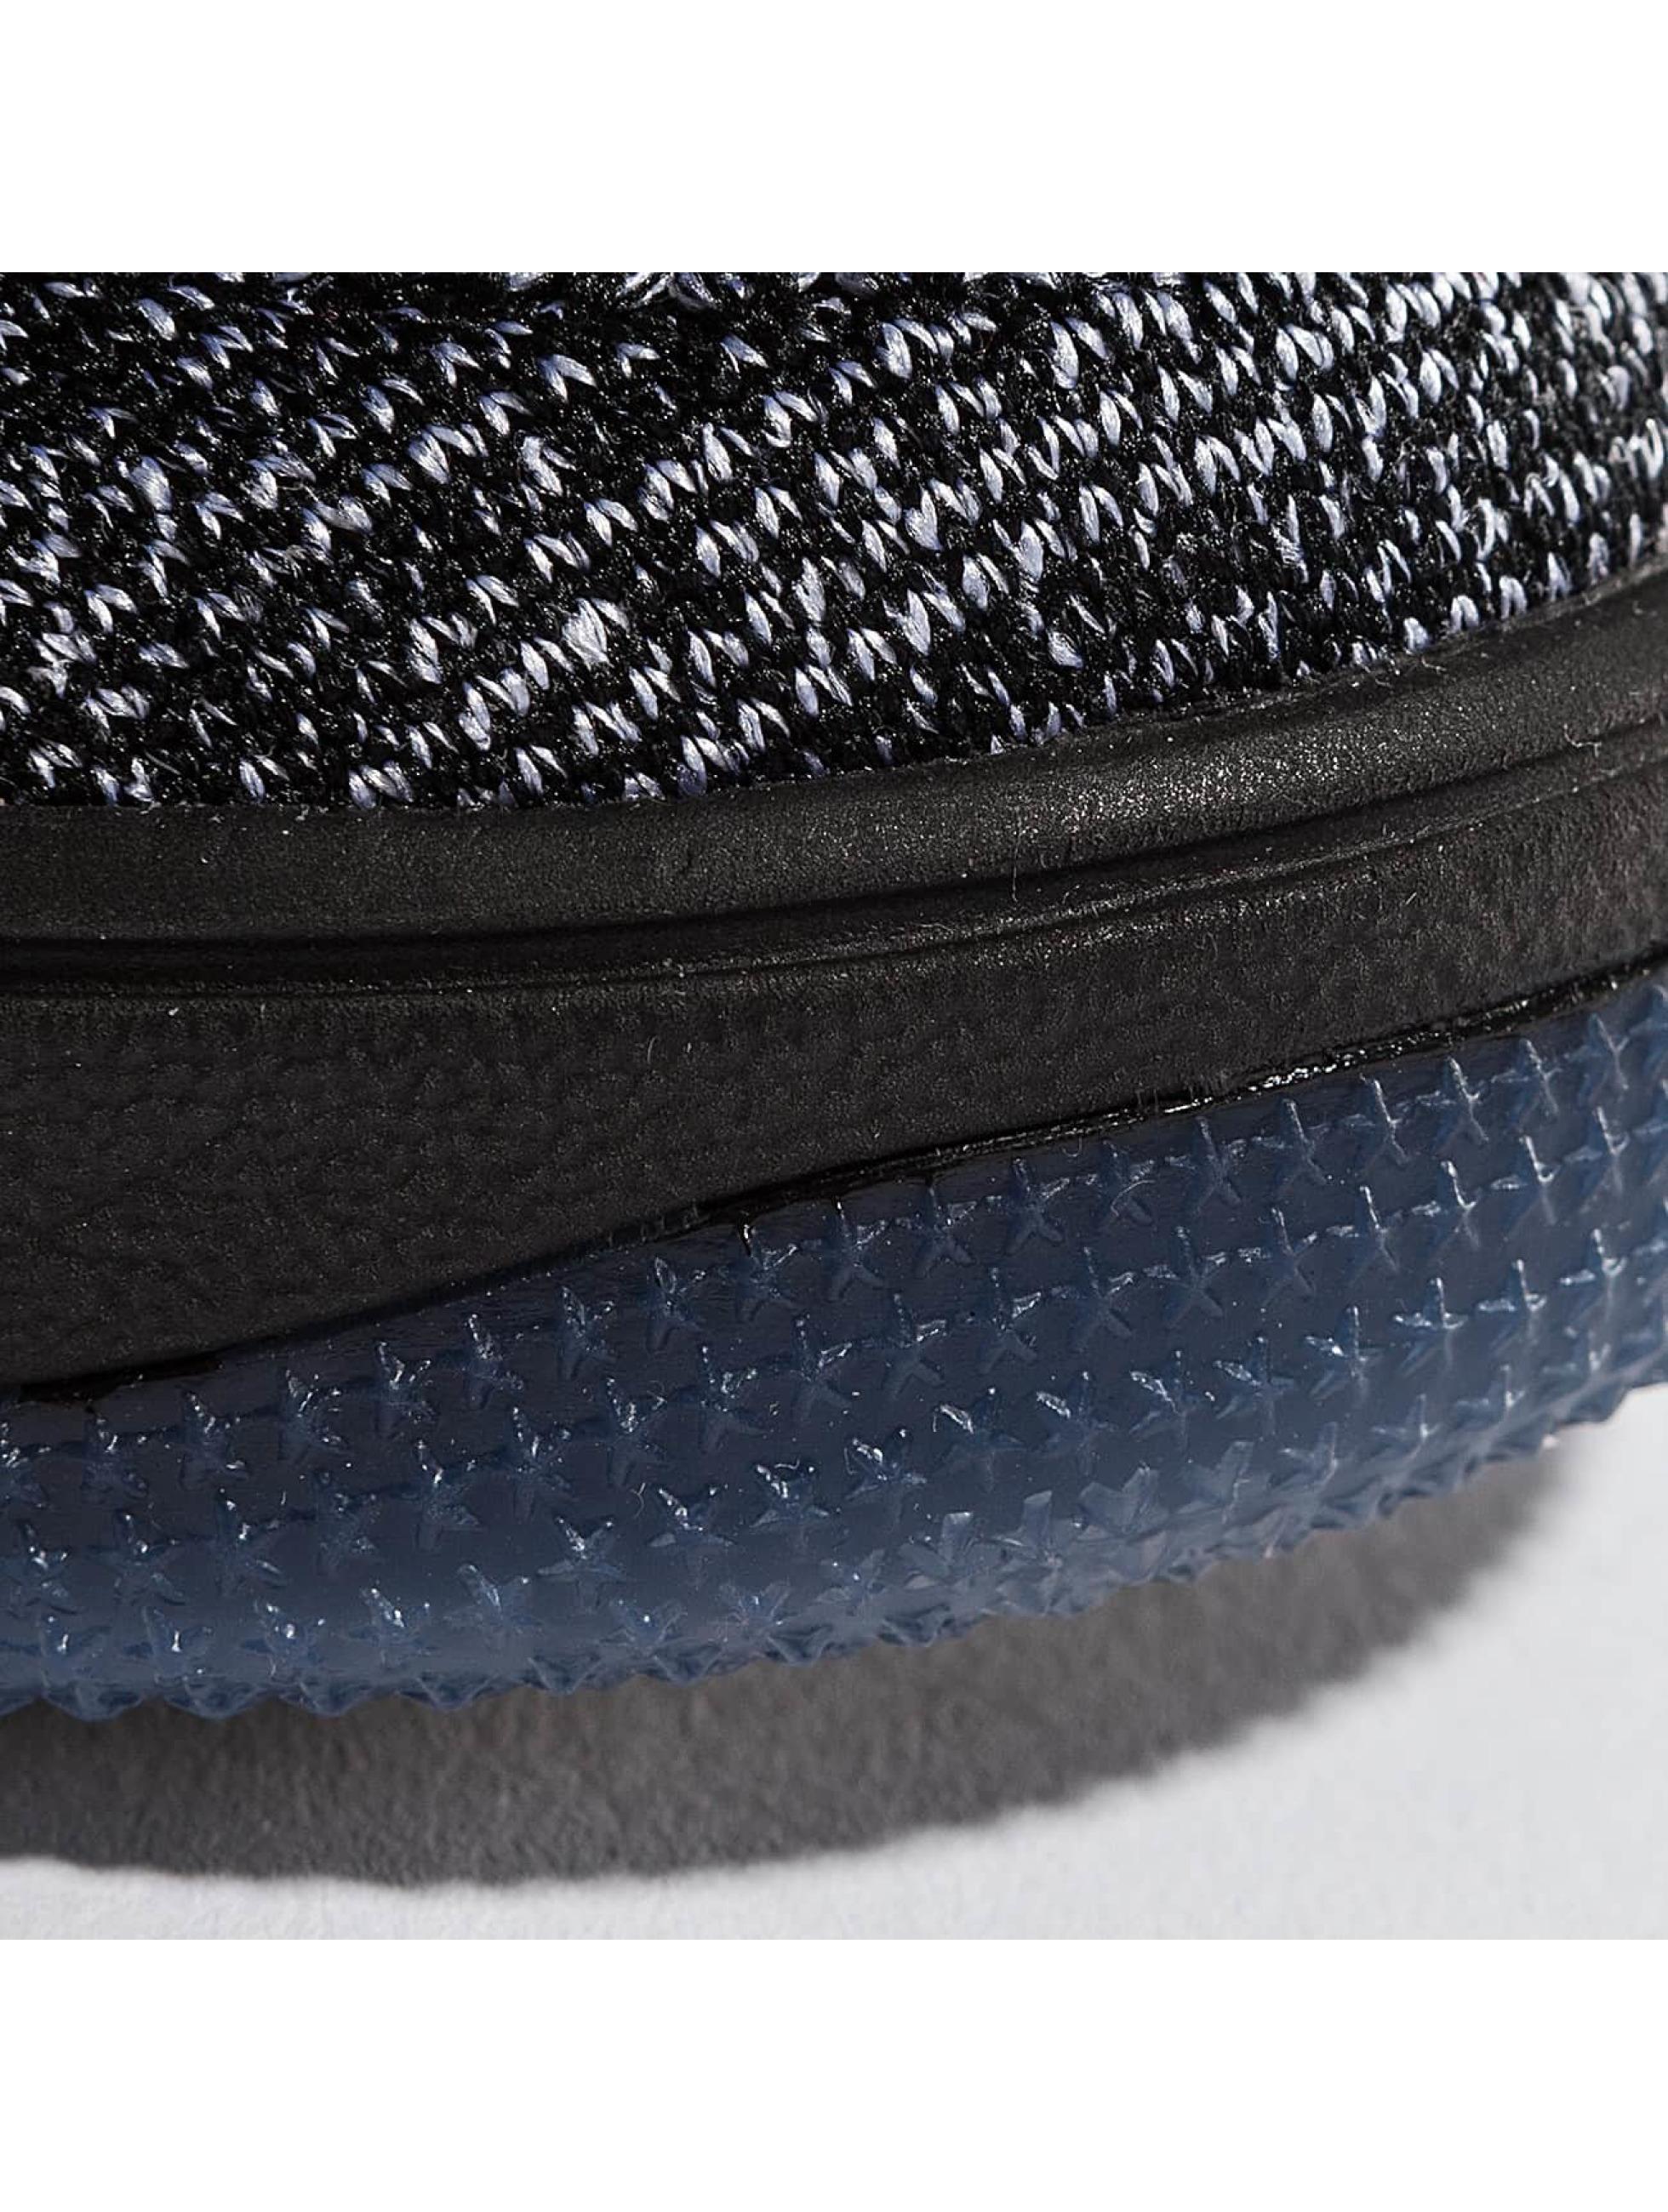 Nike Zapatillas de deporte Flyknit Low negro